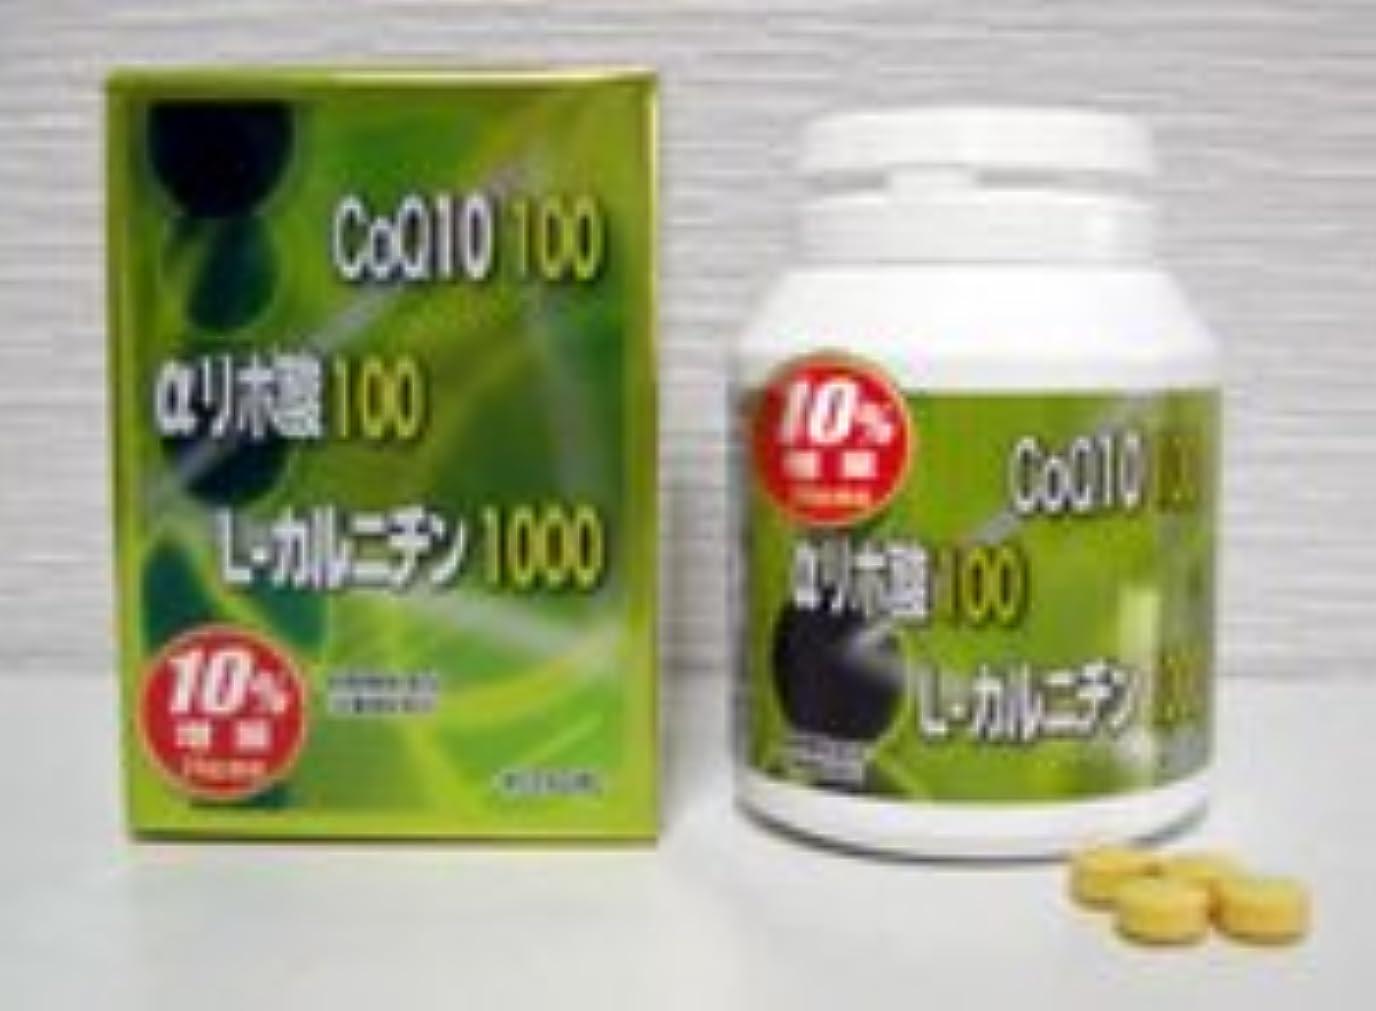 返還挑む感謝ダイエットサプリ CoQ10+αリポ酸+L-カルニチン 102.96g(390mg×約264粒)